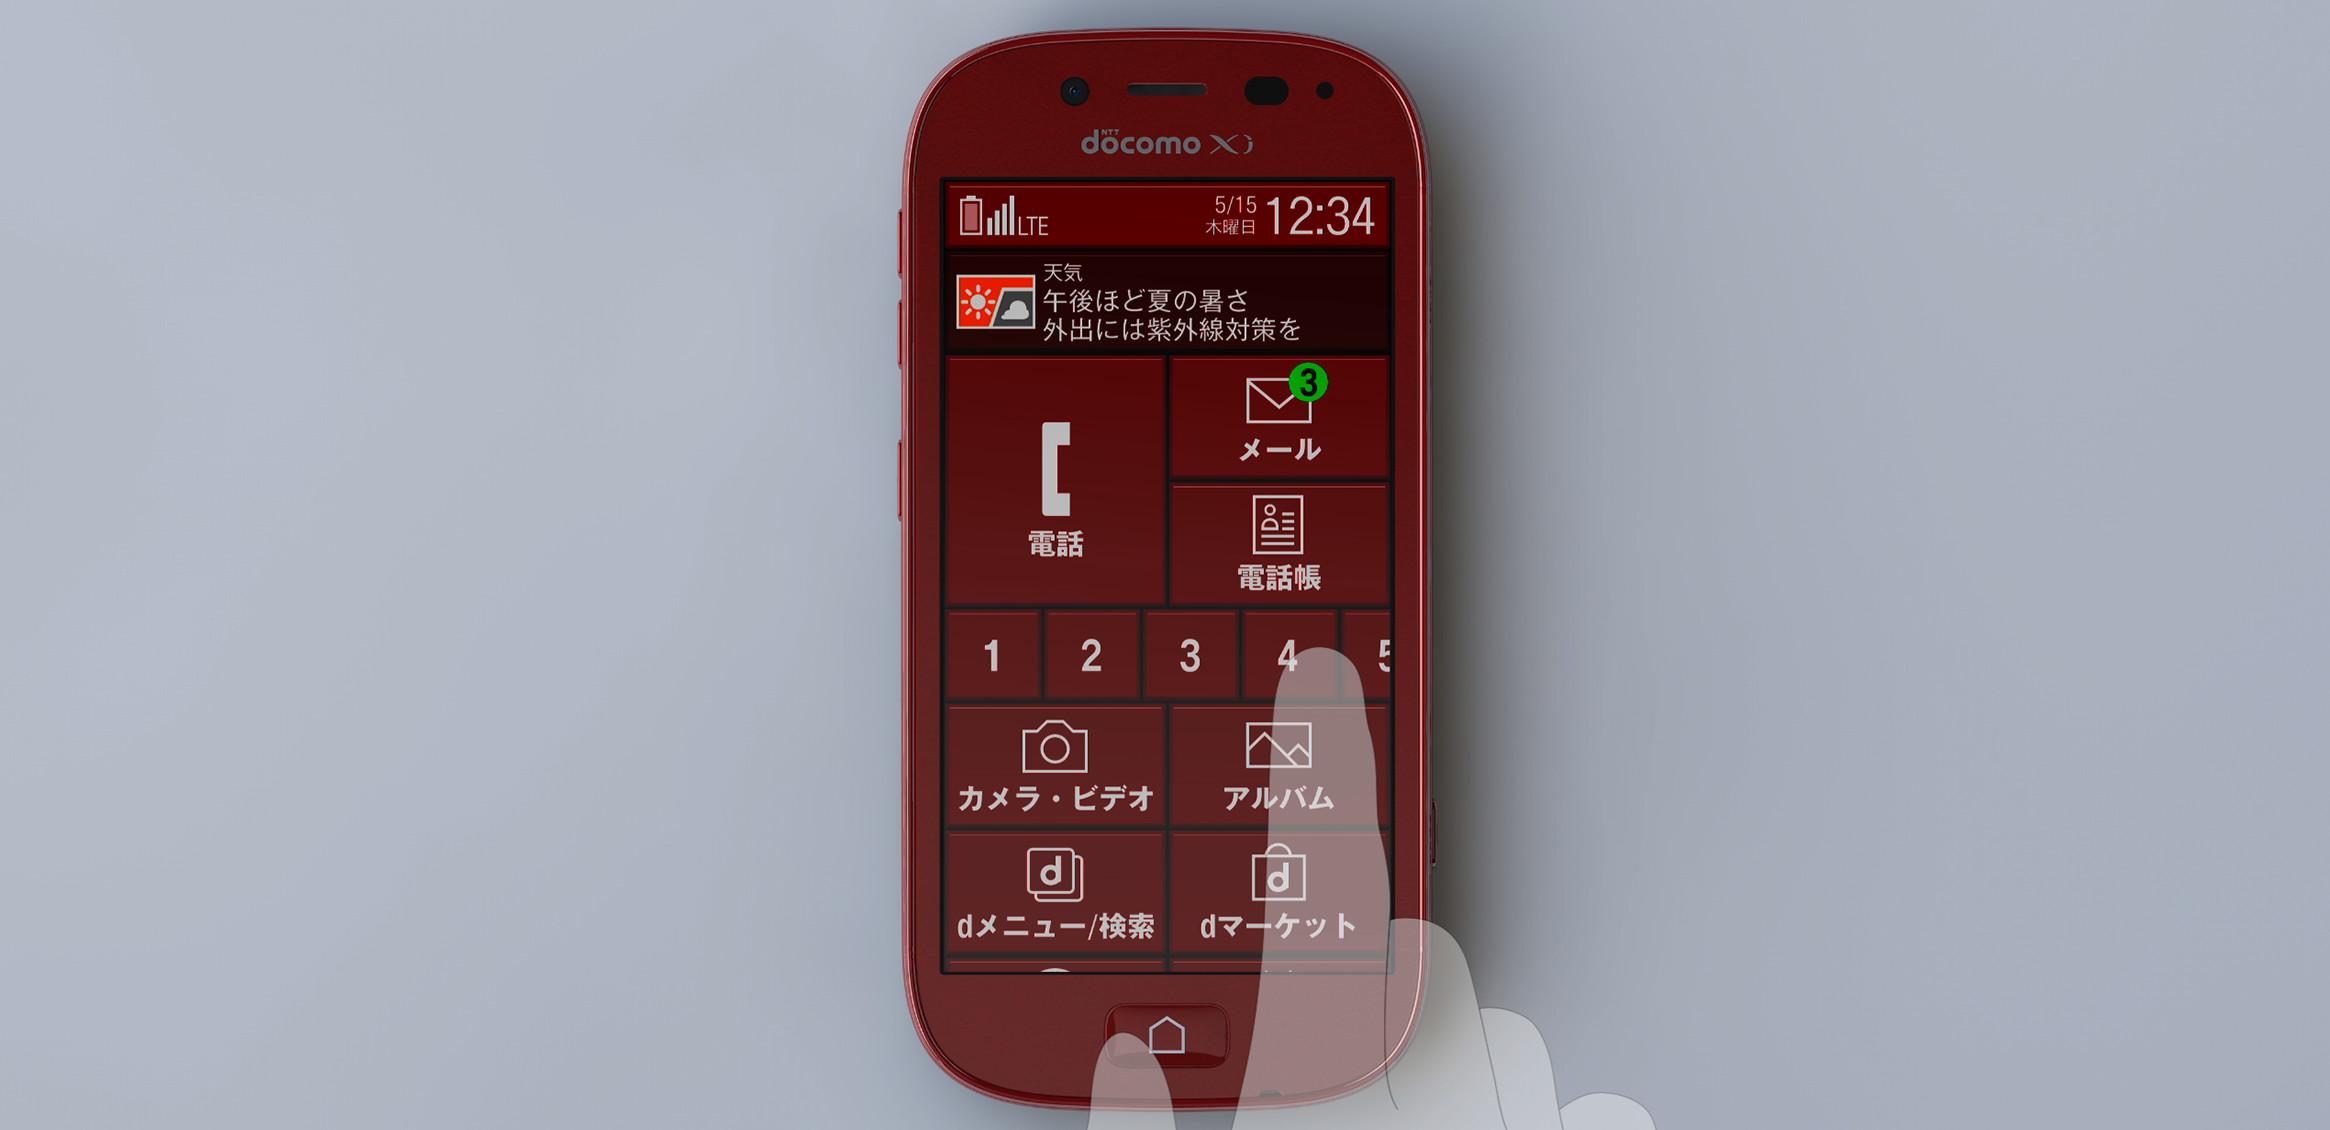 docomo rakuraku smartphone 33枚目